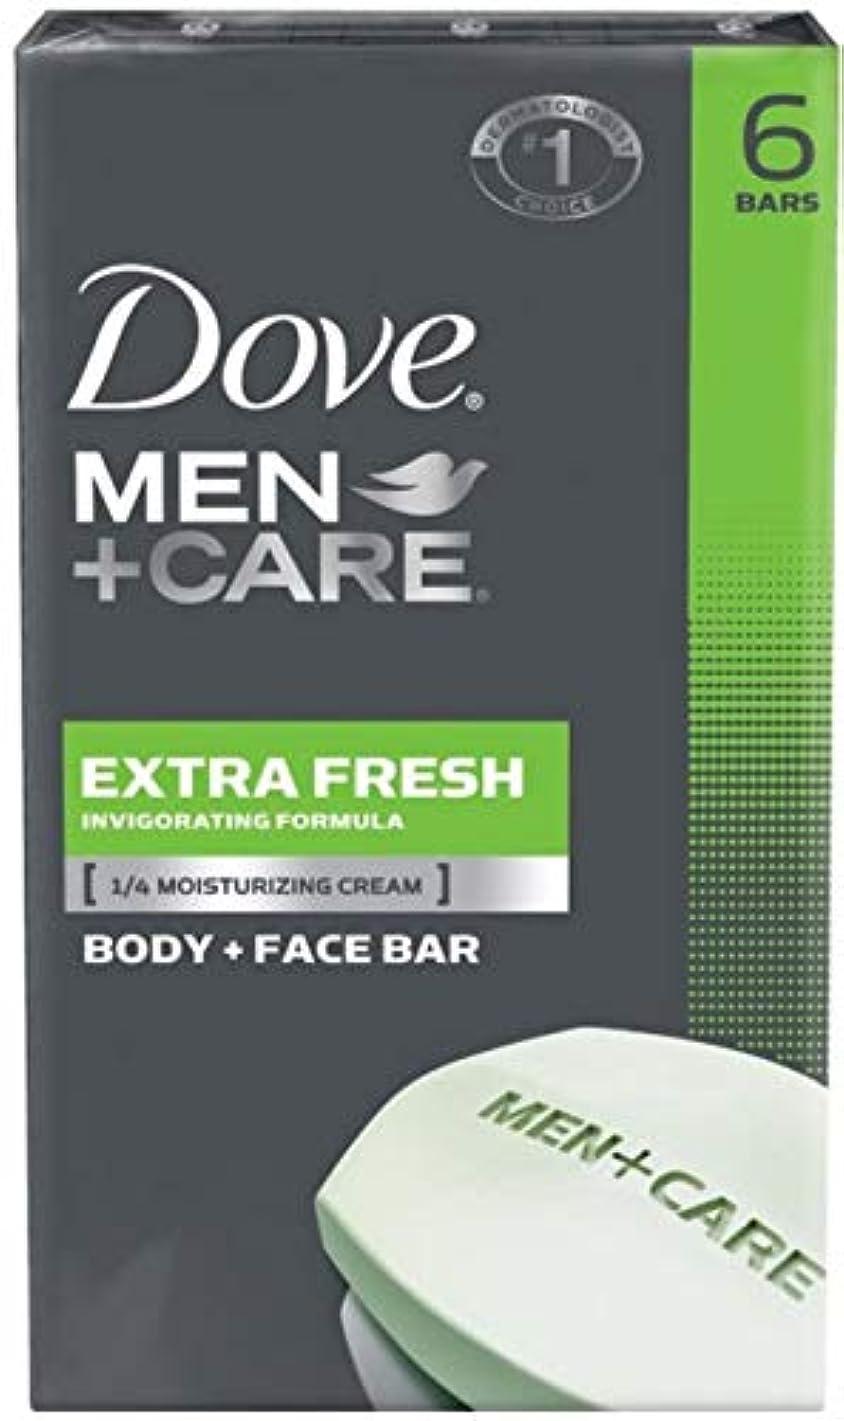 保護する苦情文句気怠いDove Men + Care Body and Face Bar, Extra Fresh 4oz x 6soaps ダブ メン プラスケア エクストラフレッシュ 固形石鹸 4oz x 6個パック [海外直送品]